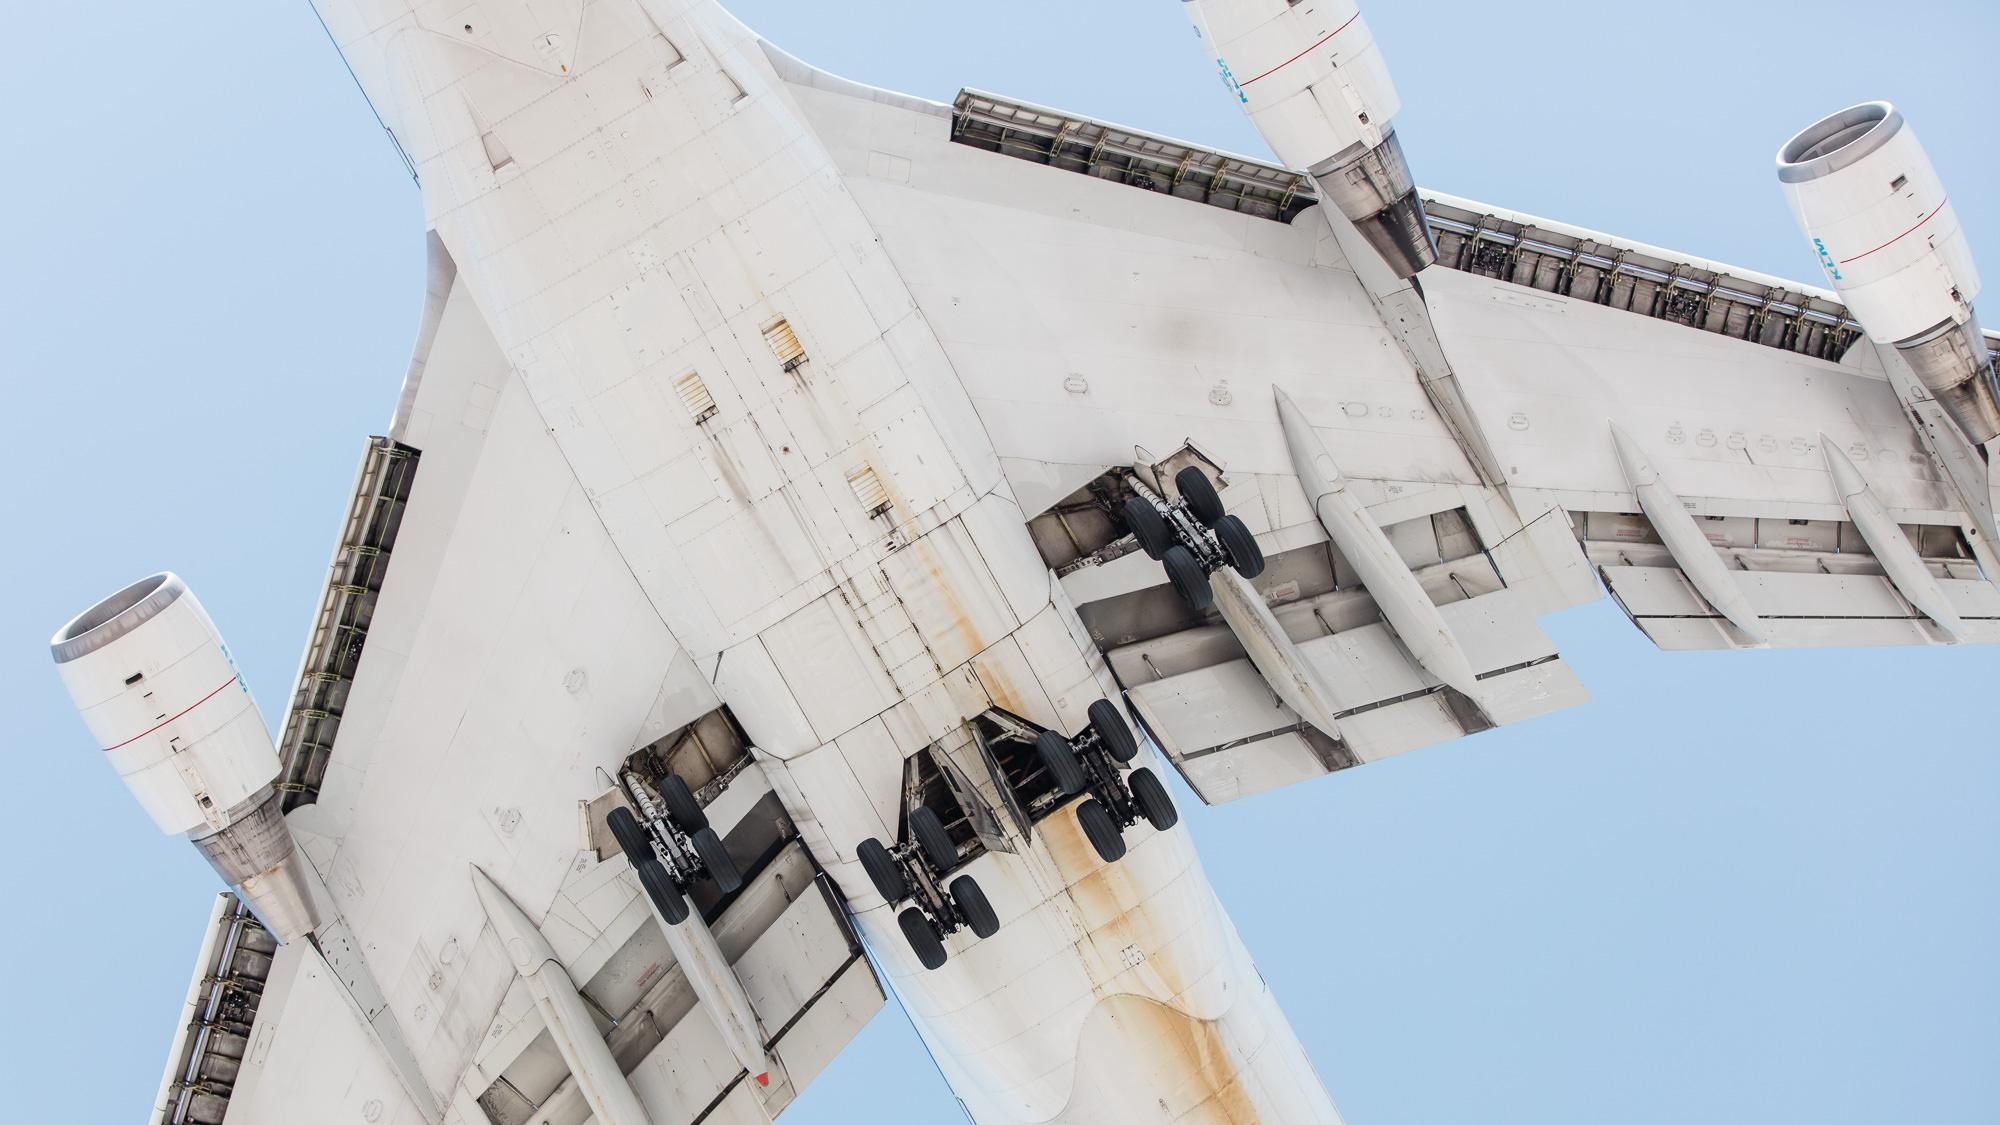 mike-kelley-final-approach-aviation-7.jpg